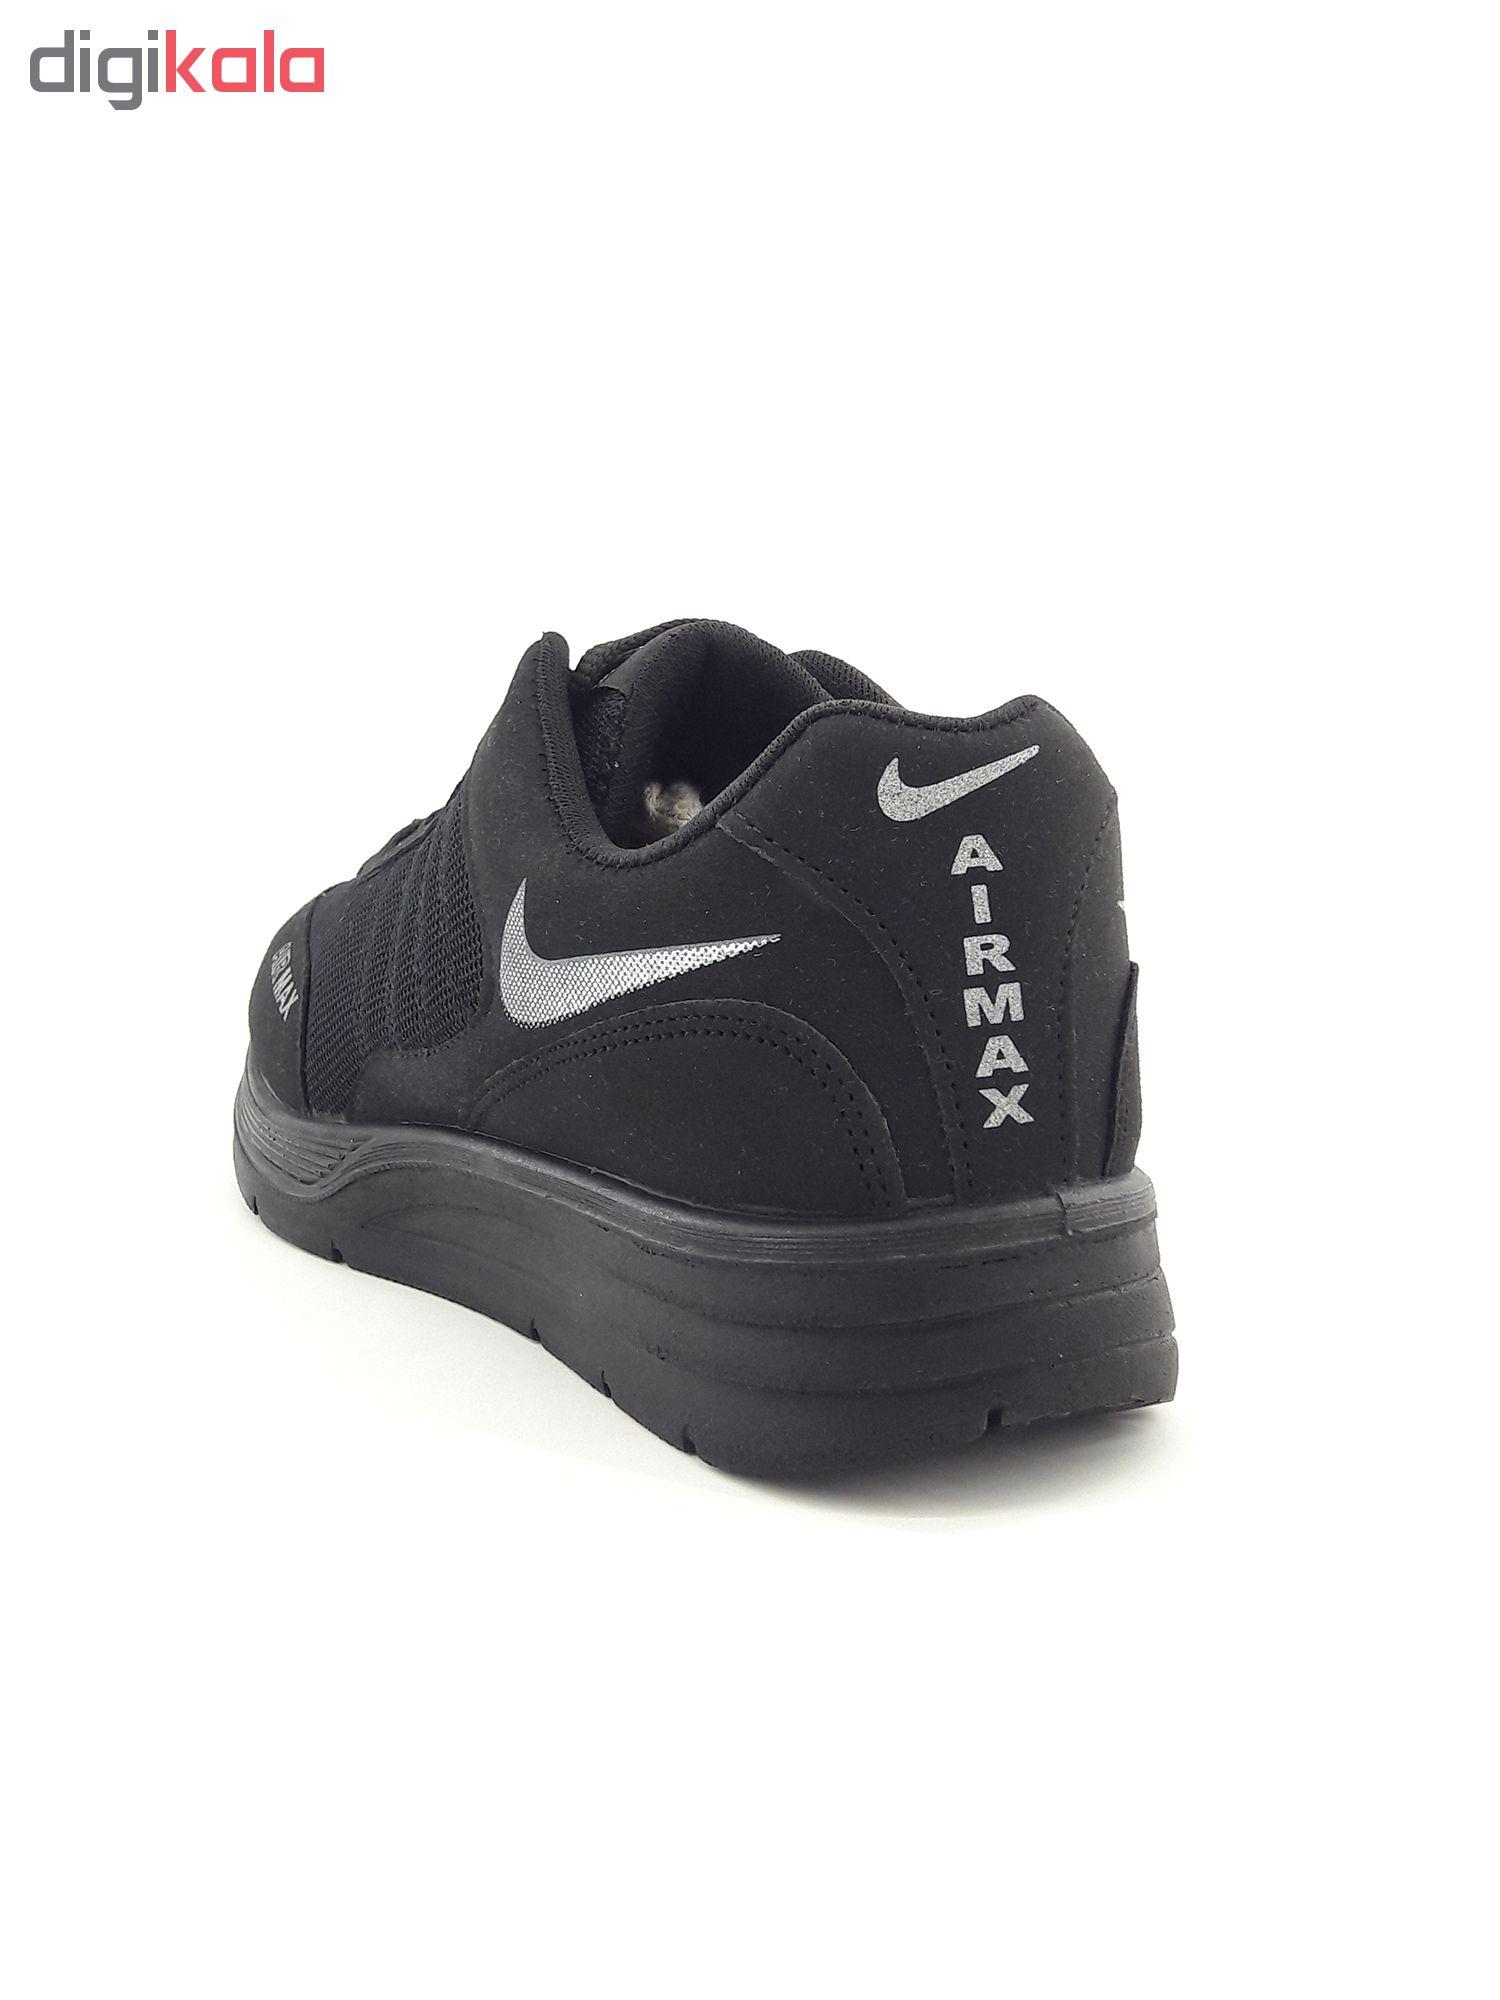 کفش مخصوص پیاده روی مردانه مدل Nk.airmax.idl.bl-01